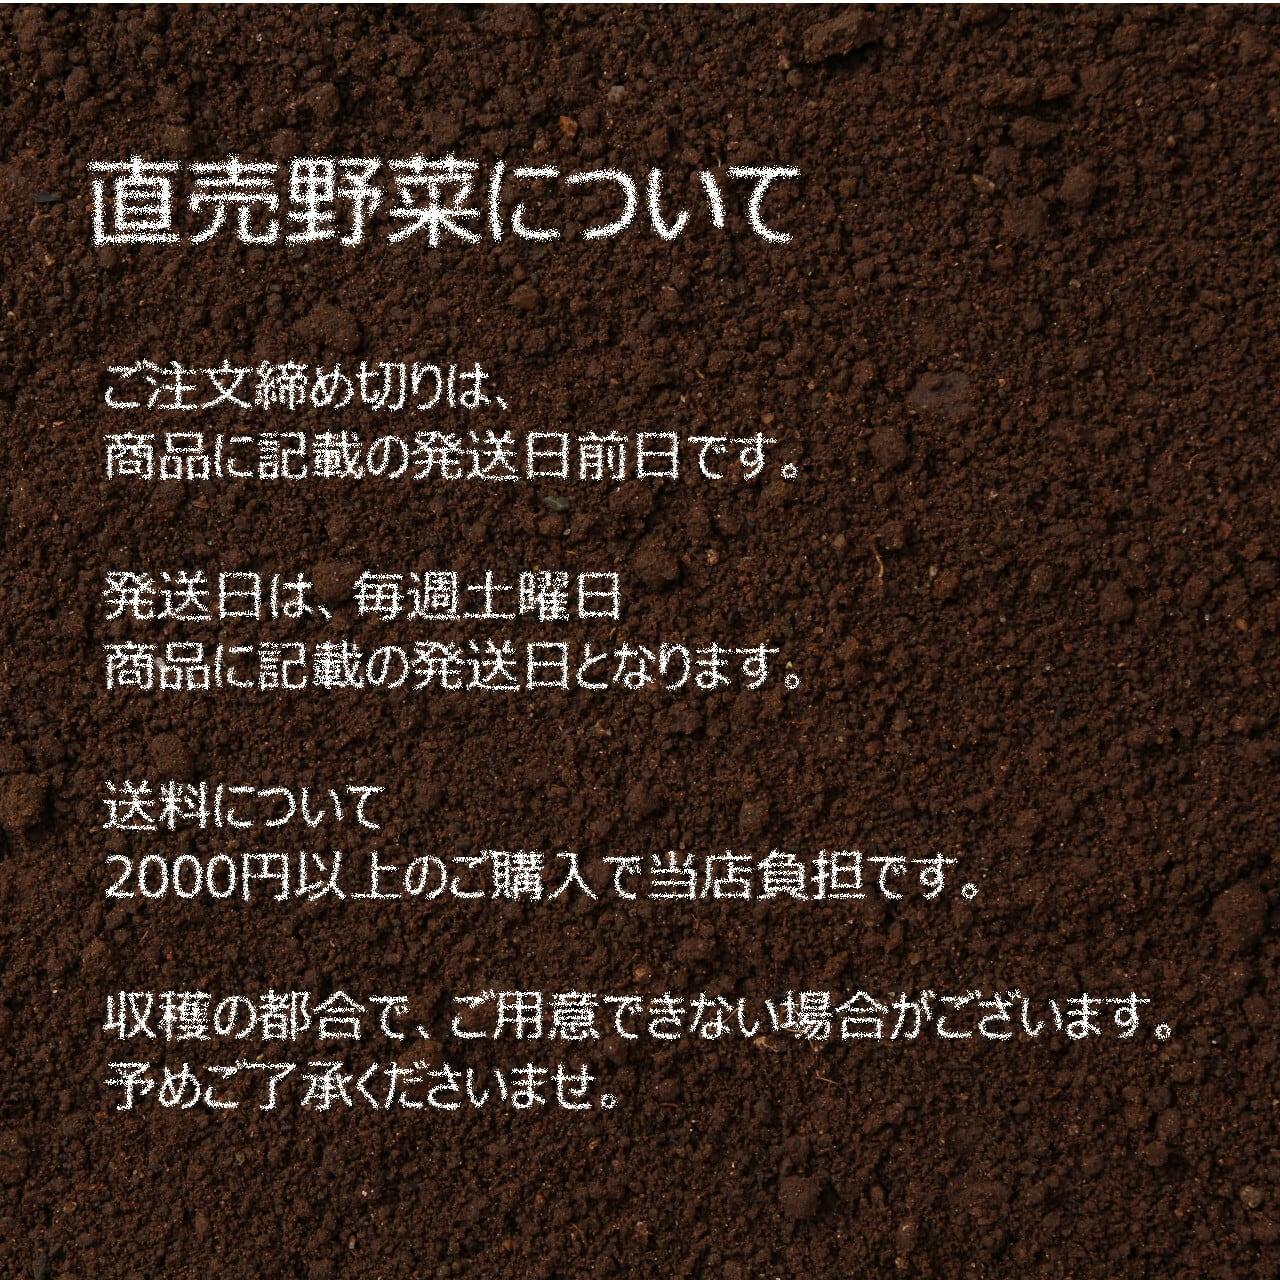 5月朝採り直売野菜:ネギ 3~4本 春の新鮮野菜 5月15日発送予定